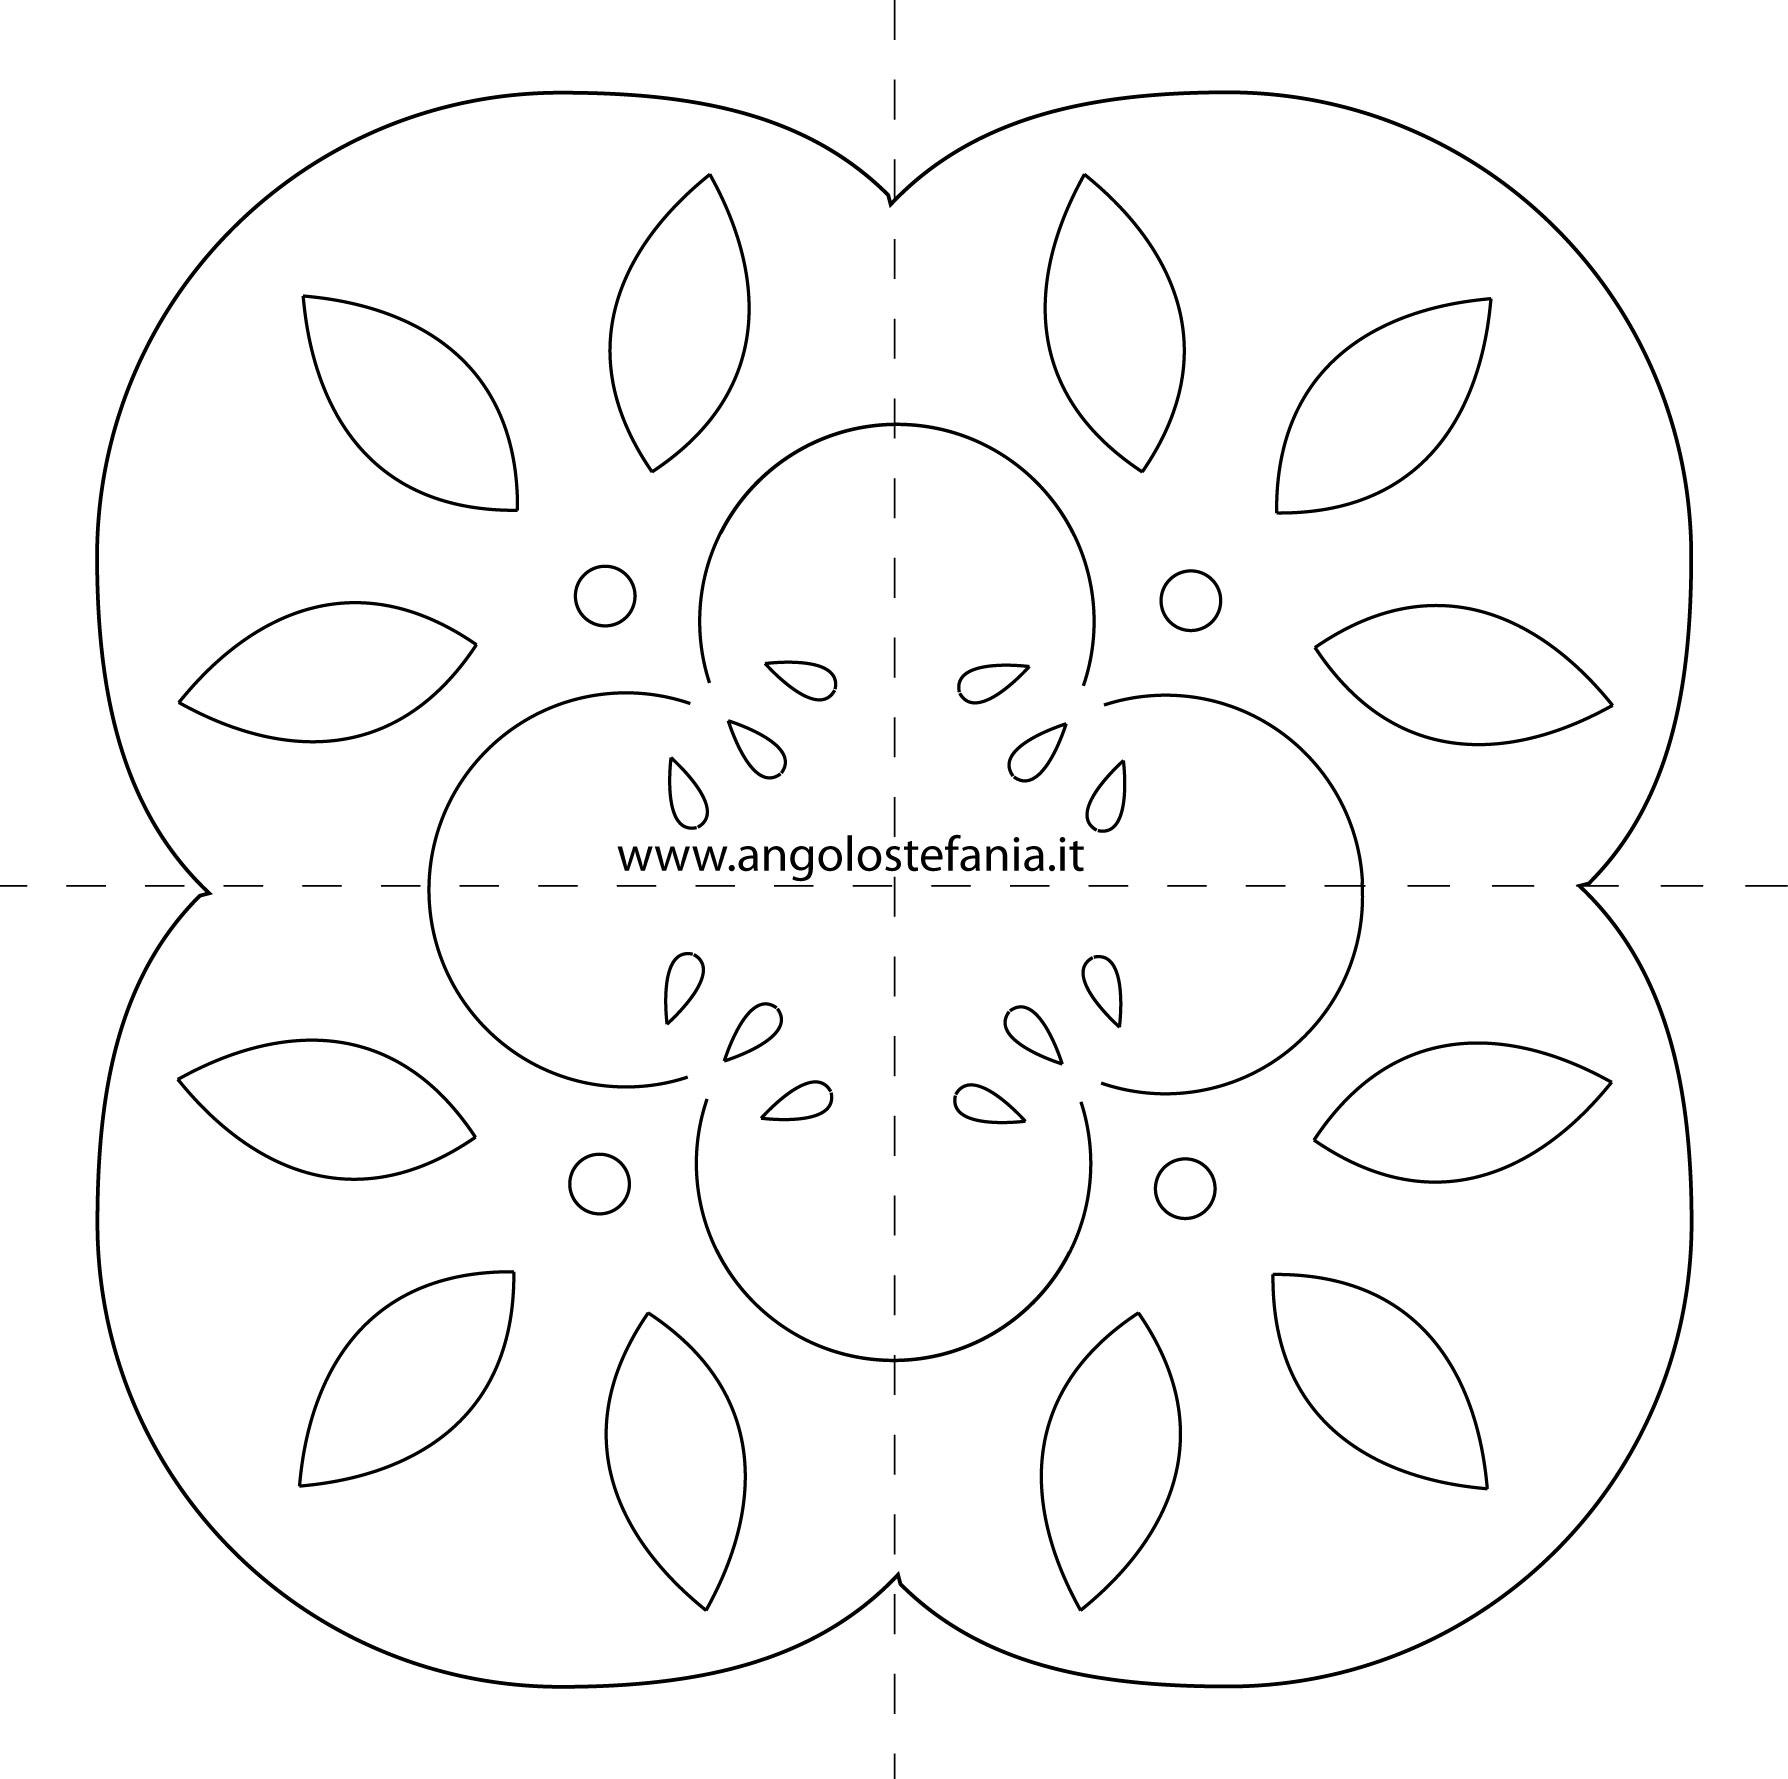 Piccolo Centrino Hedebo – L'angolo Di Stefania #4B4B4B 1788 1779 Disegni Per Cucina A Punto Croce